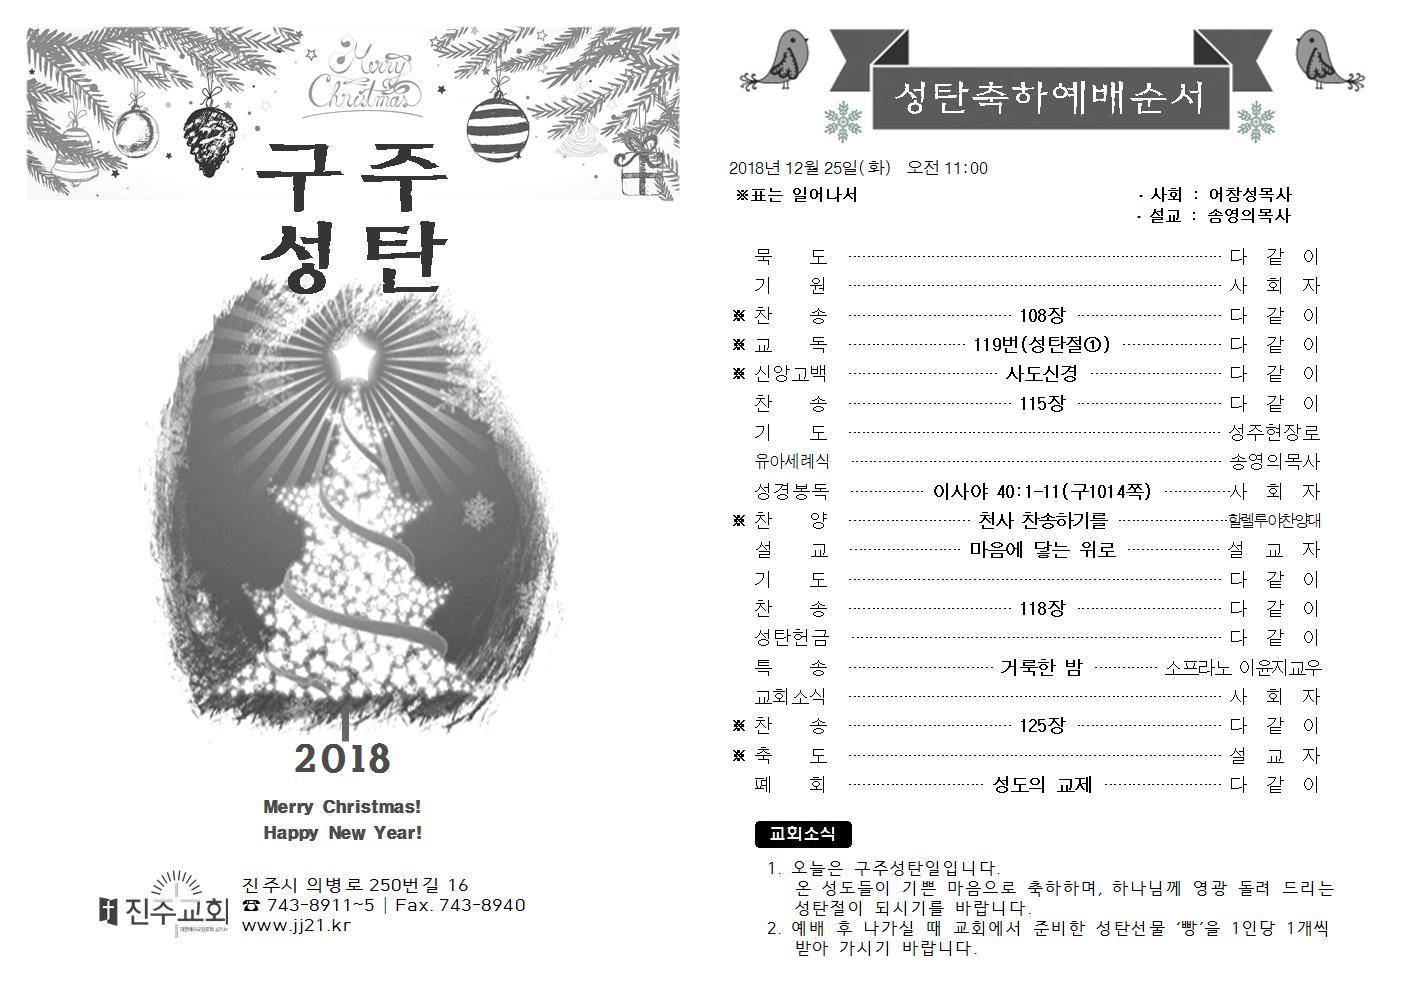 2018 성탄축하예배순서지001.jpg